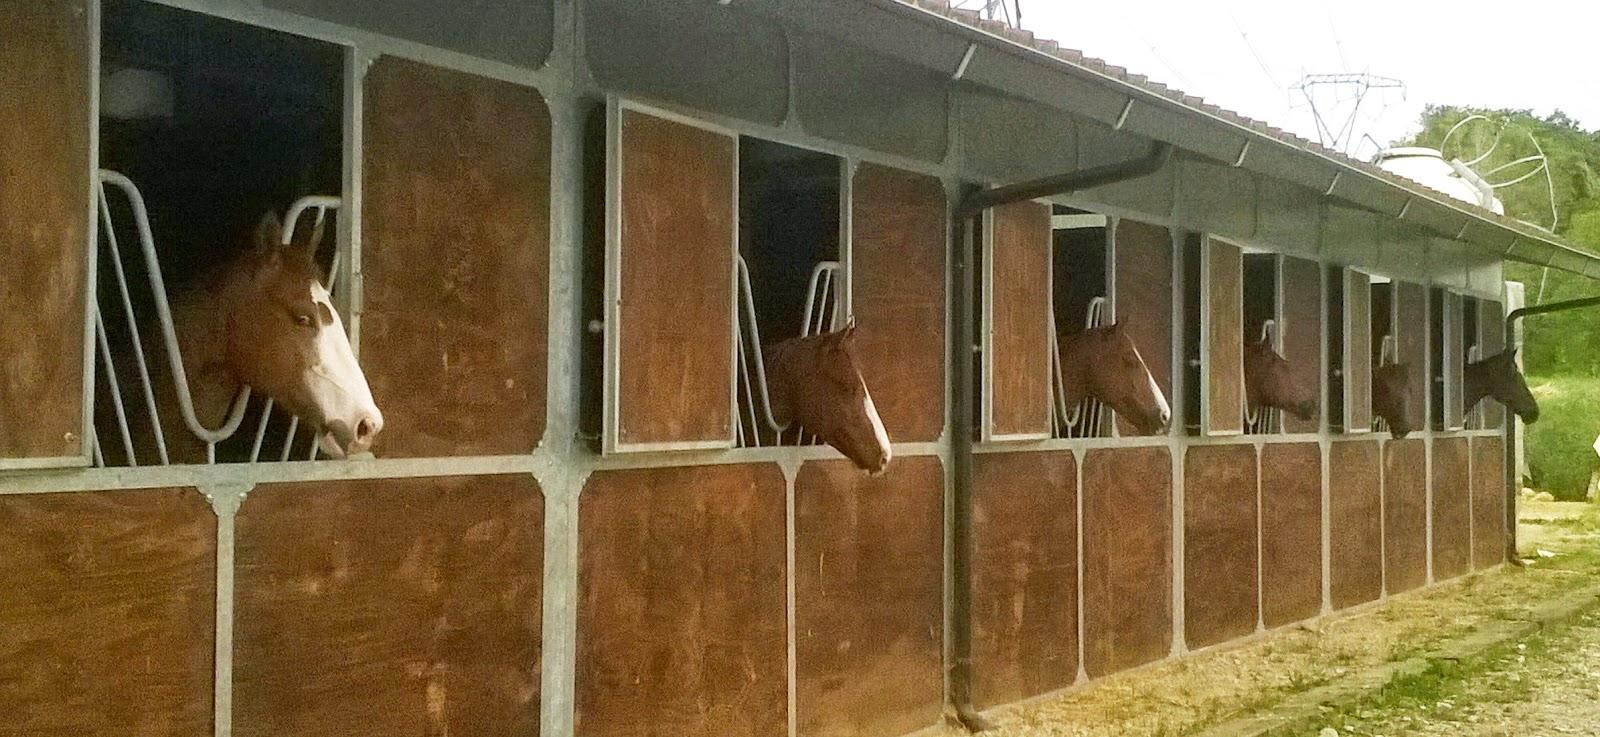 Noceto cavalli affacciati alla finestra amore mio - Jovanotti affacciati alla finestra ...